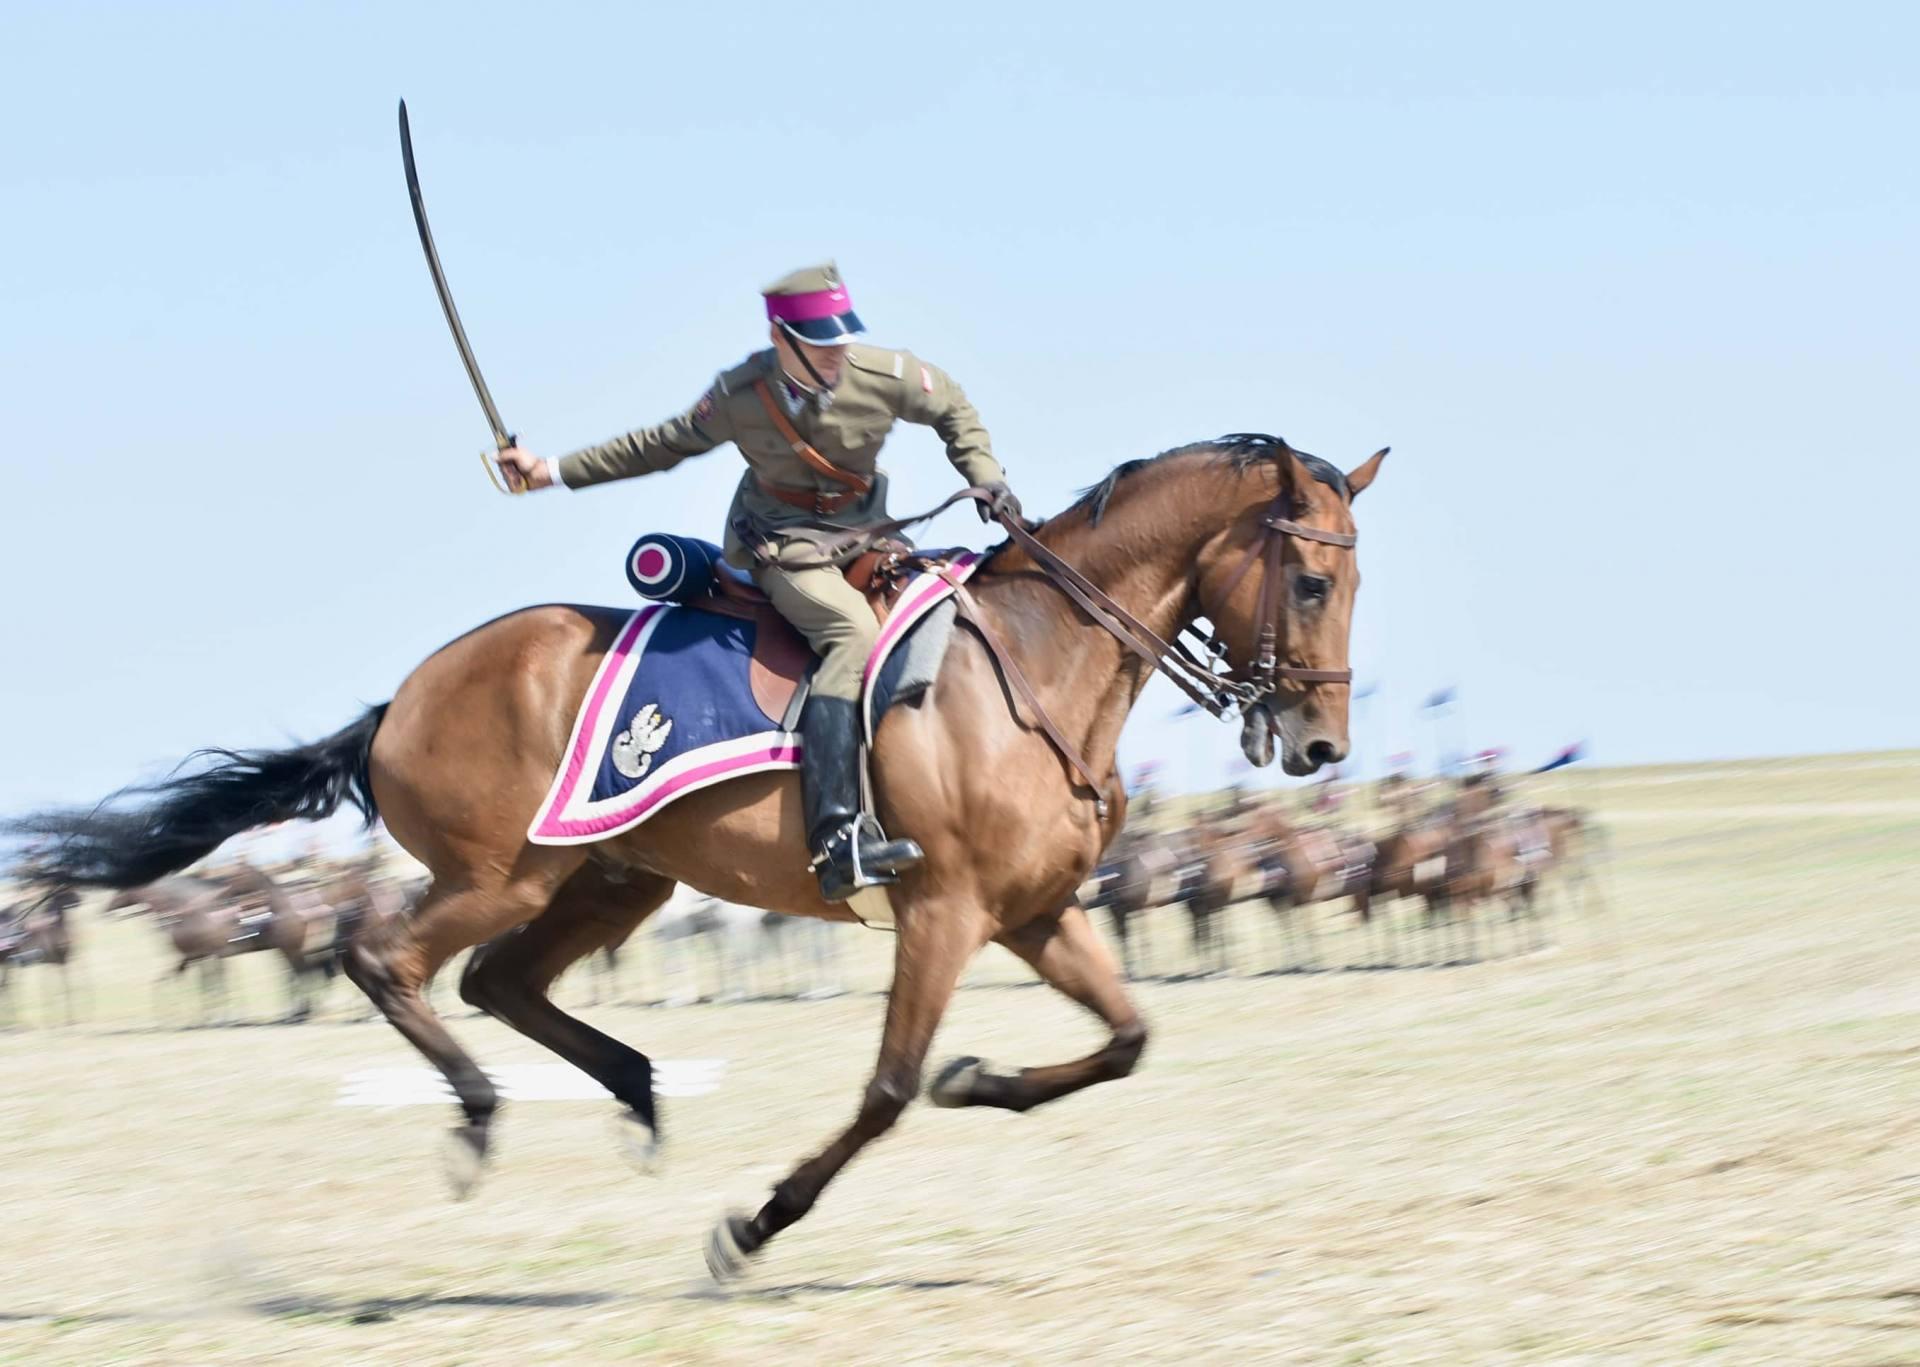 dsc 0719 Czas szabli - 100 rocznica bitwy pod Komarowem(zdjęcia)